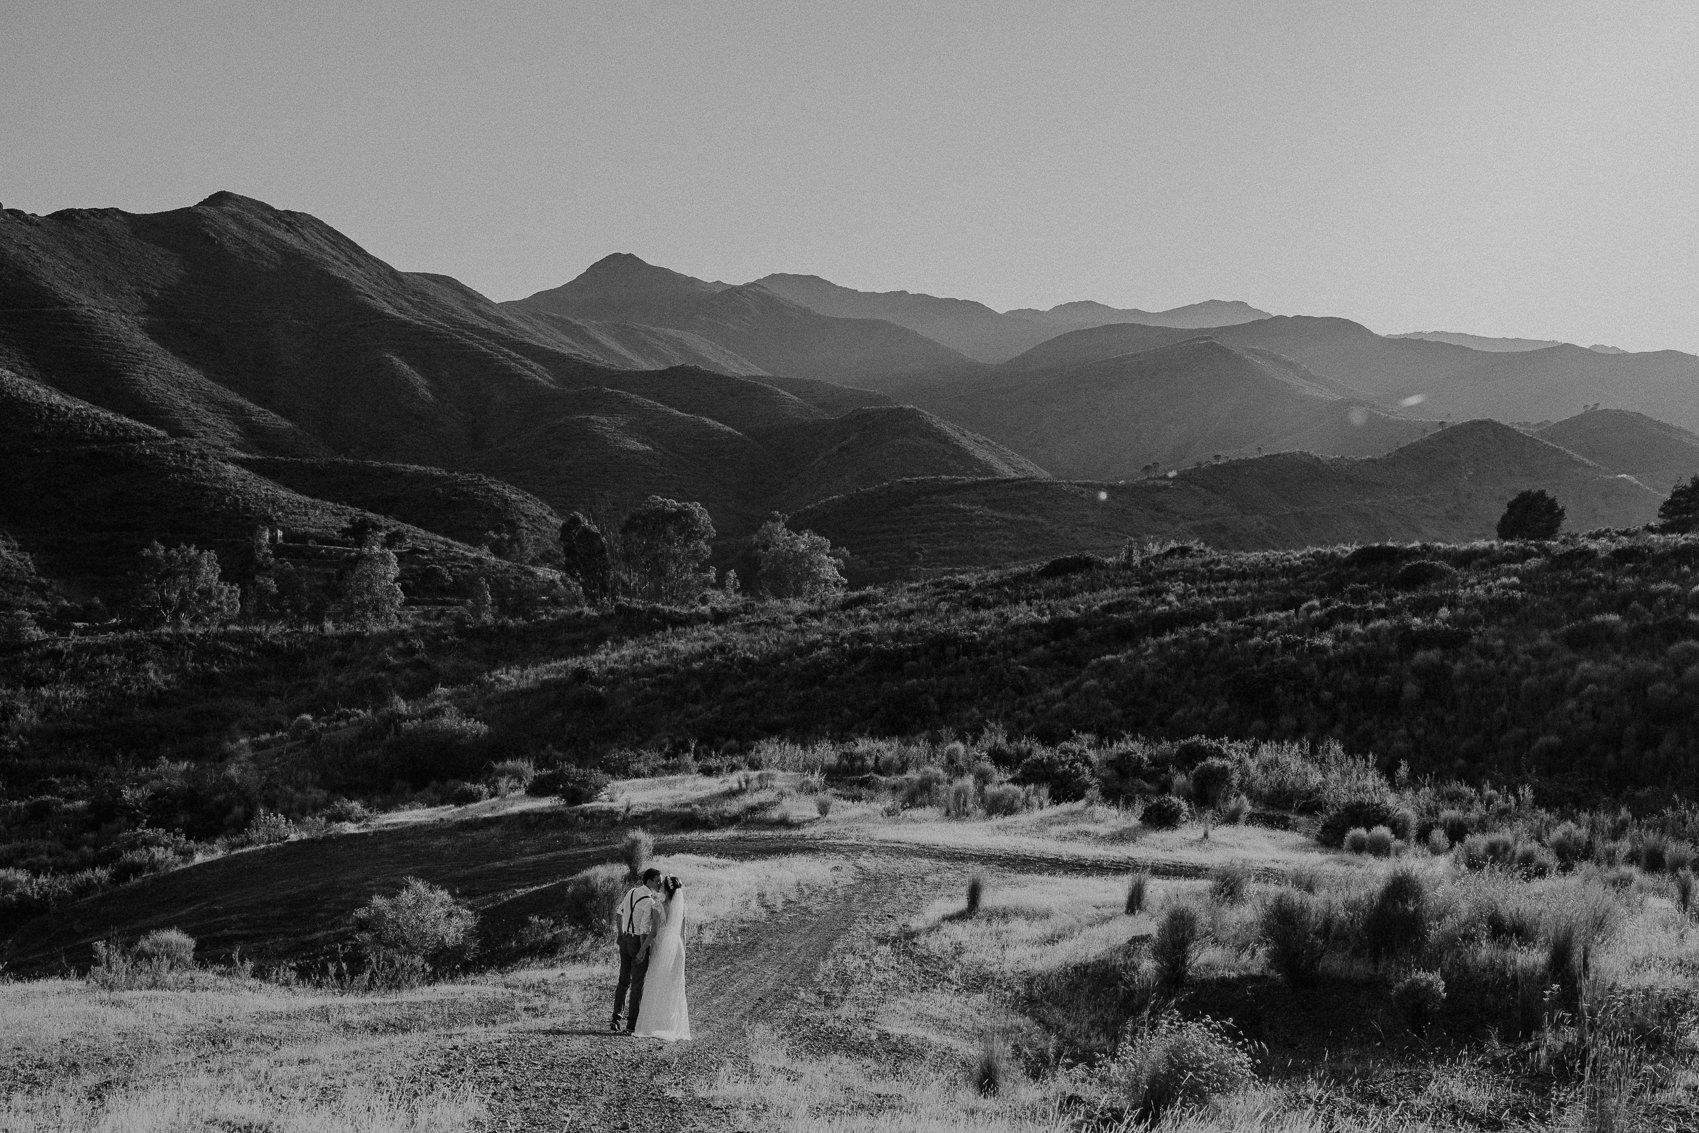 Sarah & Bill | Summer wedding at Cortijo Rosa Blanca | Marbella - Spain 127